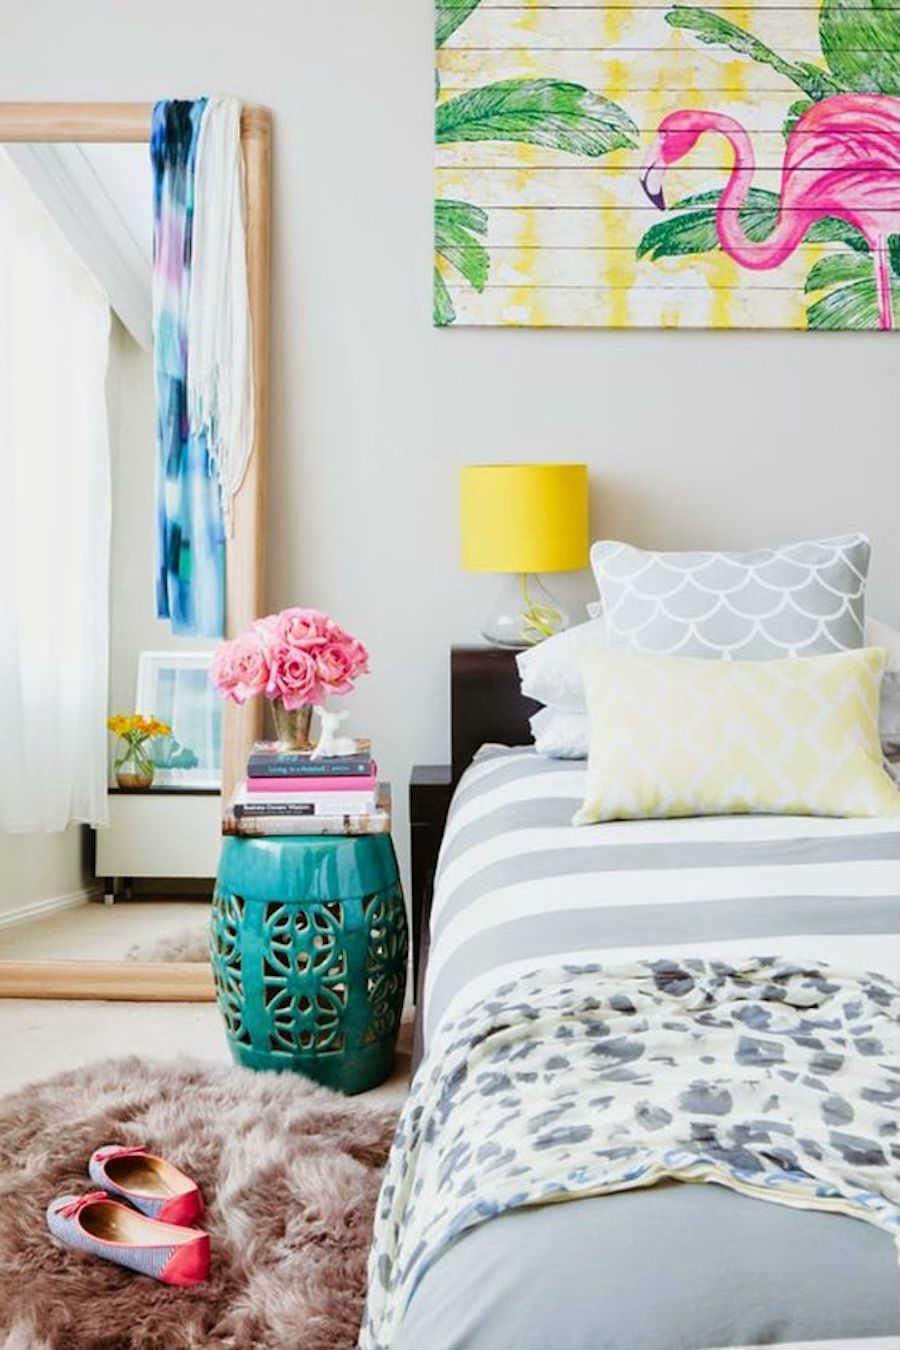 10 formas de veranizar tu casa con guiños tropicales; Dormitorio tropical